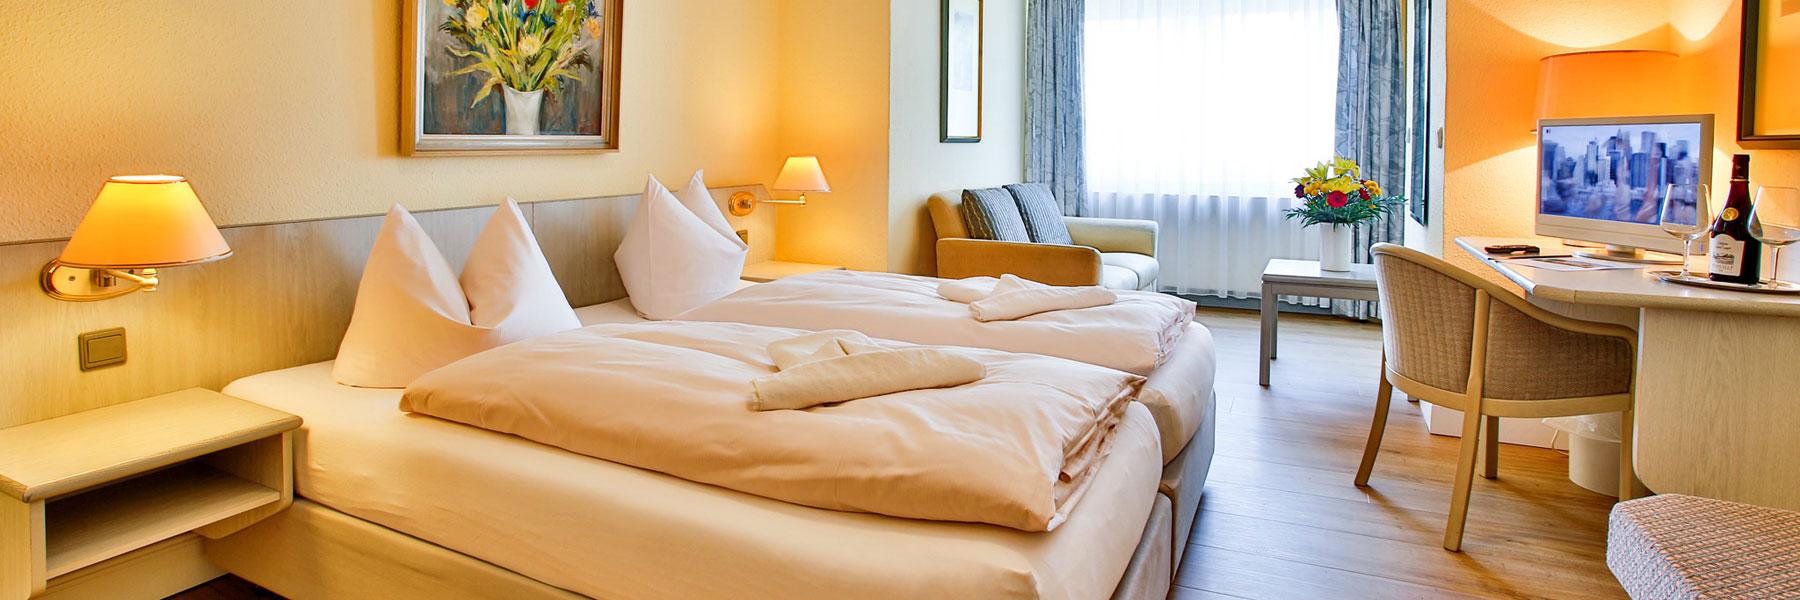 Zimmeransicht - Villa Edda (Hotel Garni - Ferienwohnungen - Appartements)